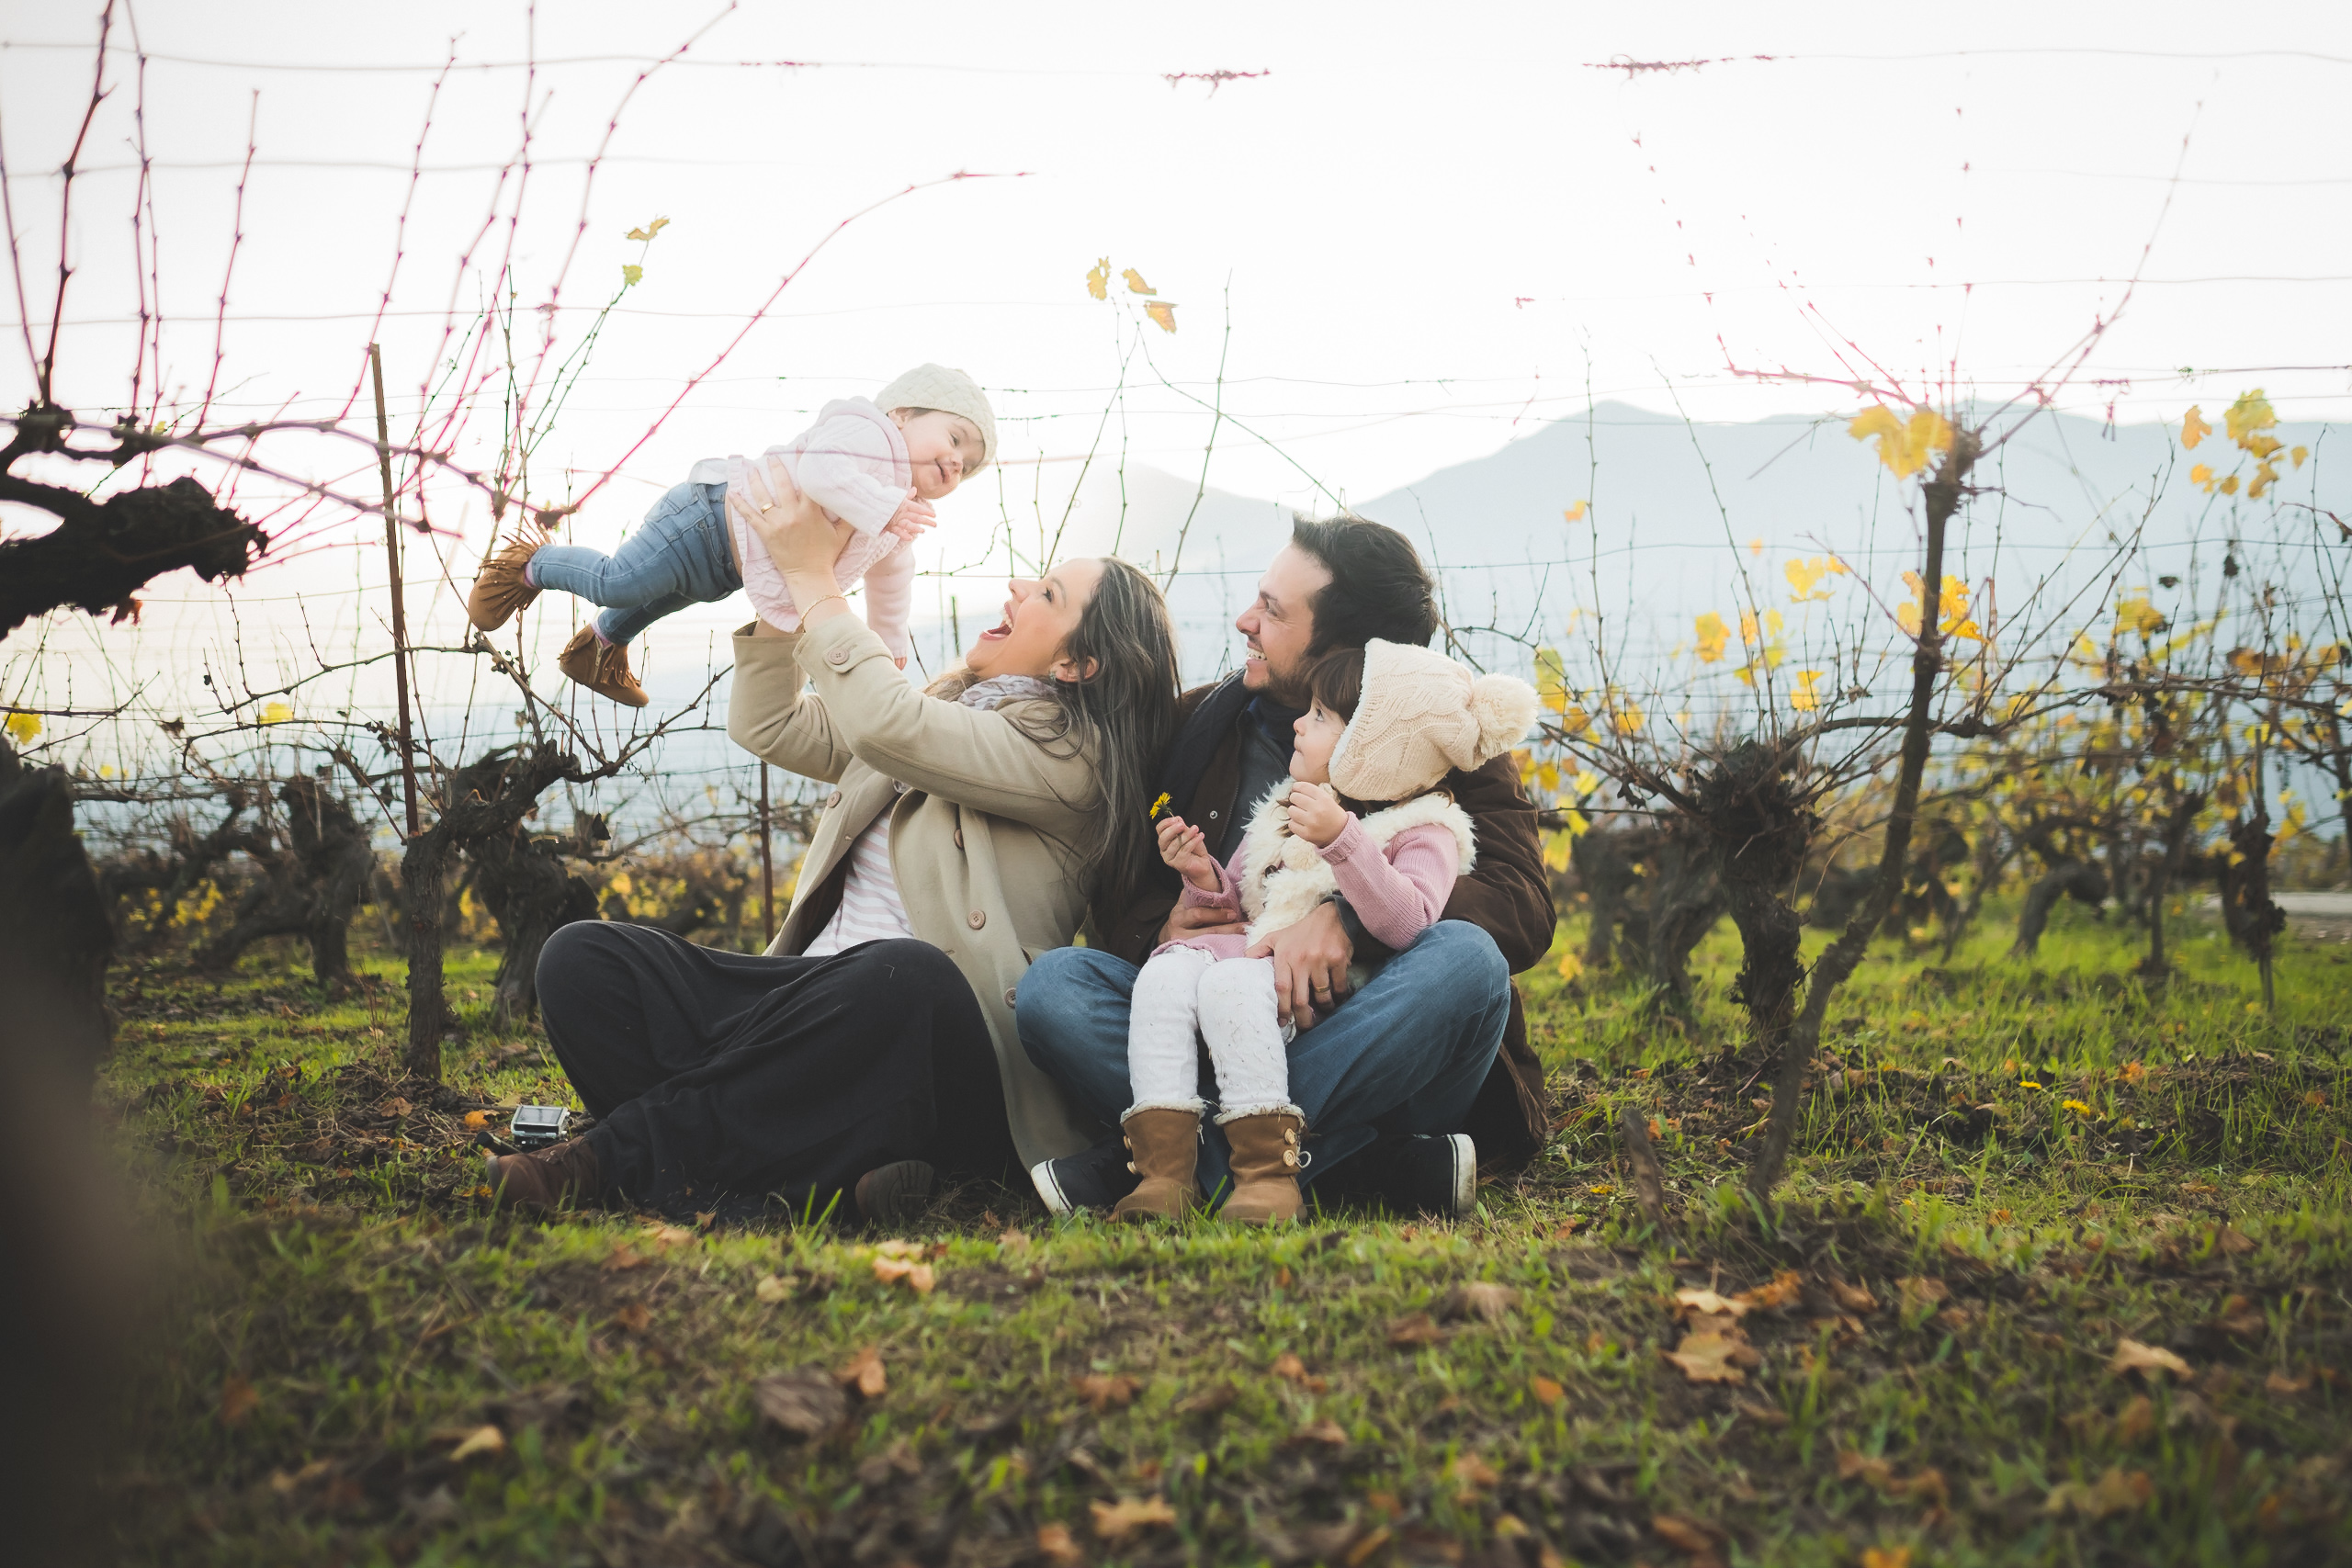 Sobre Fotógrafo e Filmagem em Maringá de Casamentos, Família, Infantil, Gestante, Parto, Bebês e Newborn